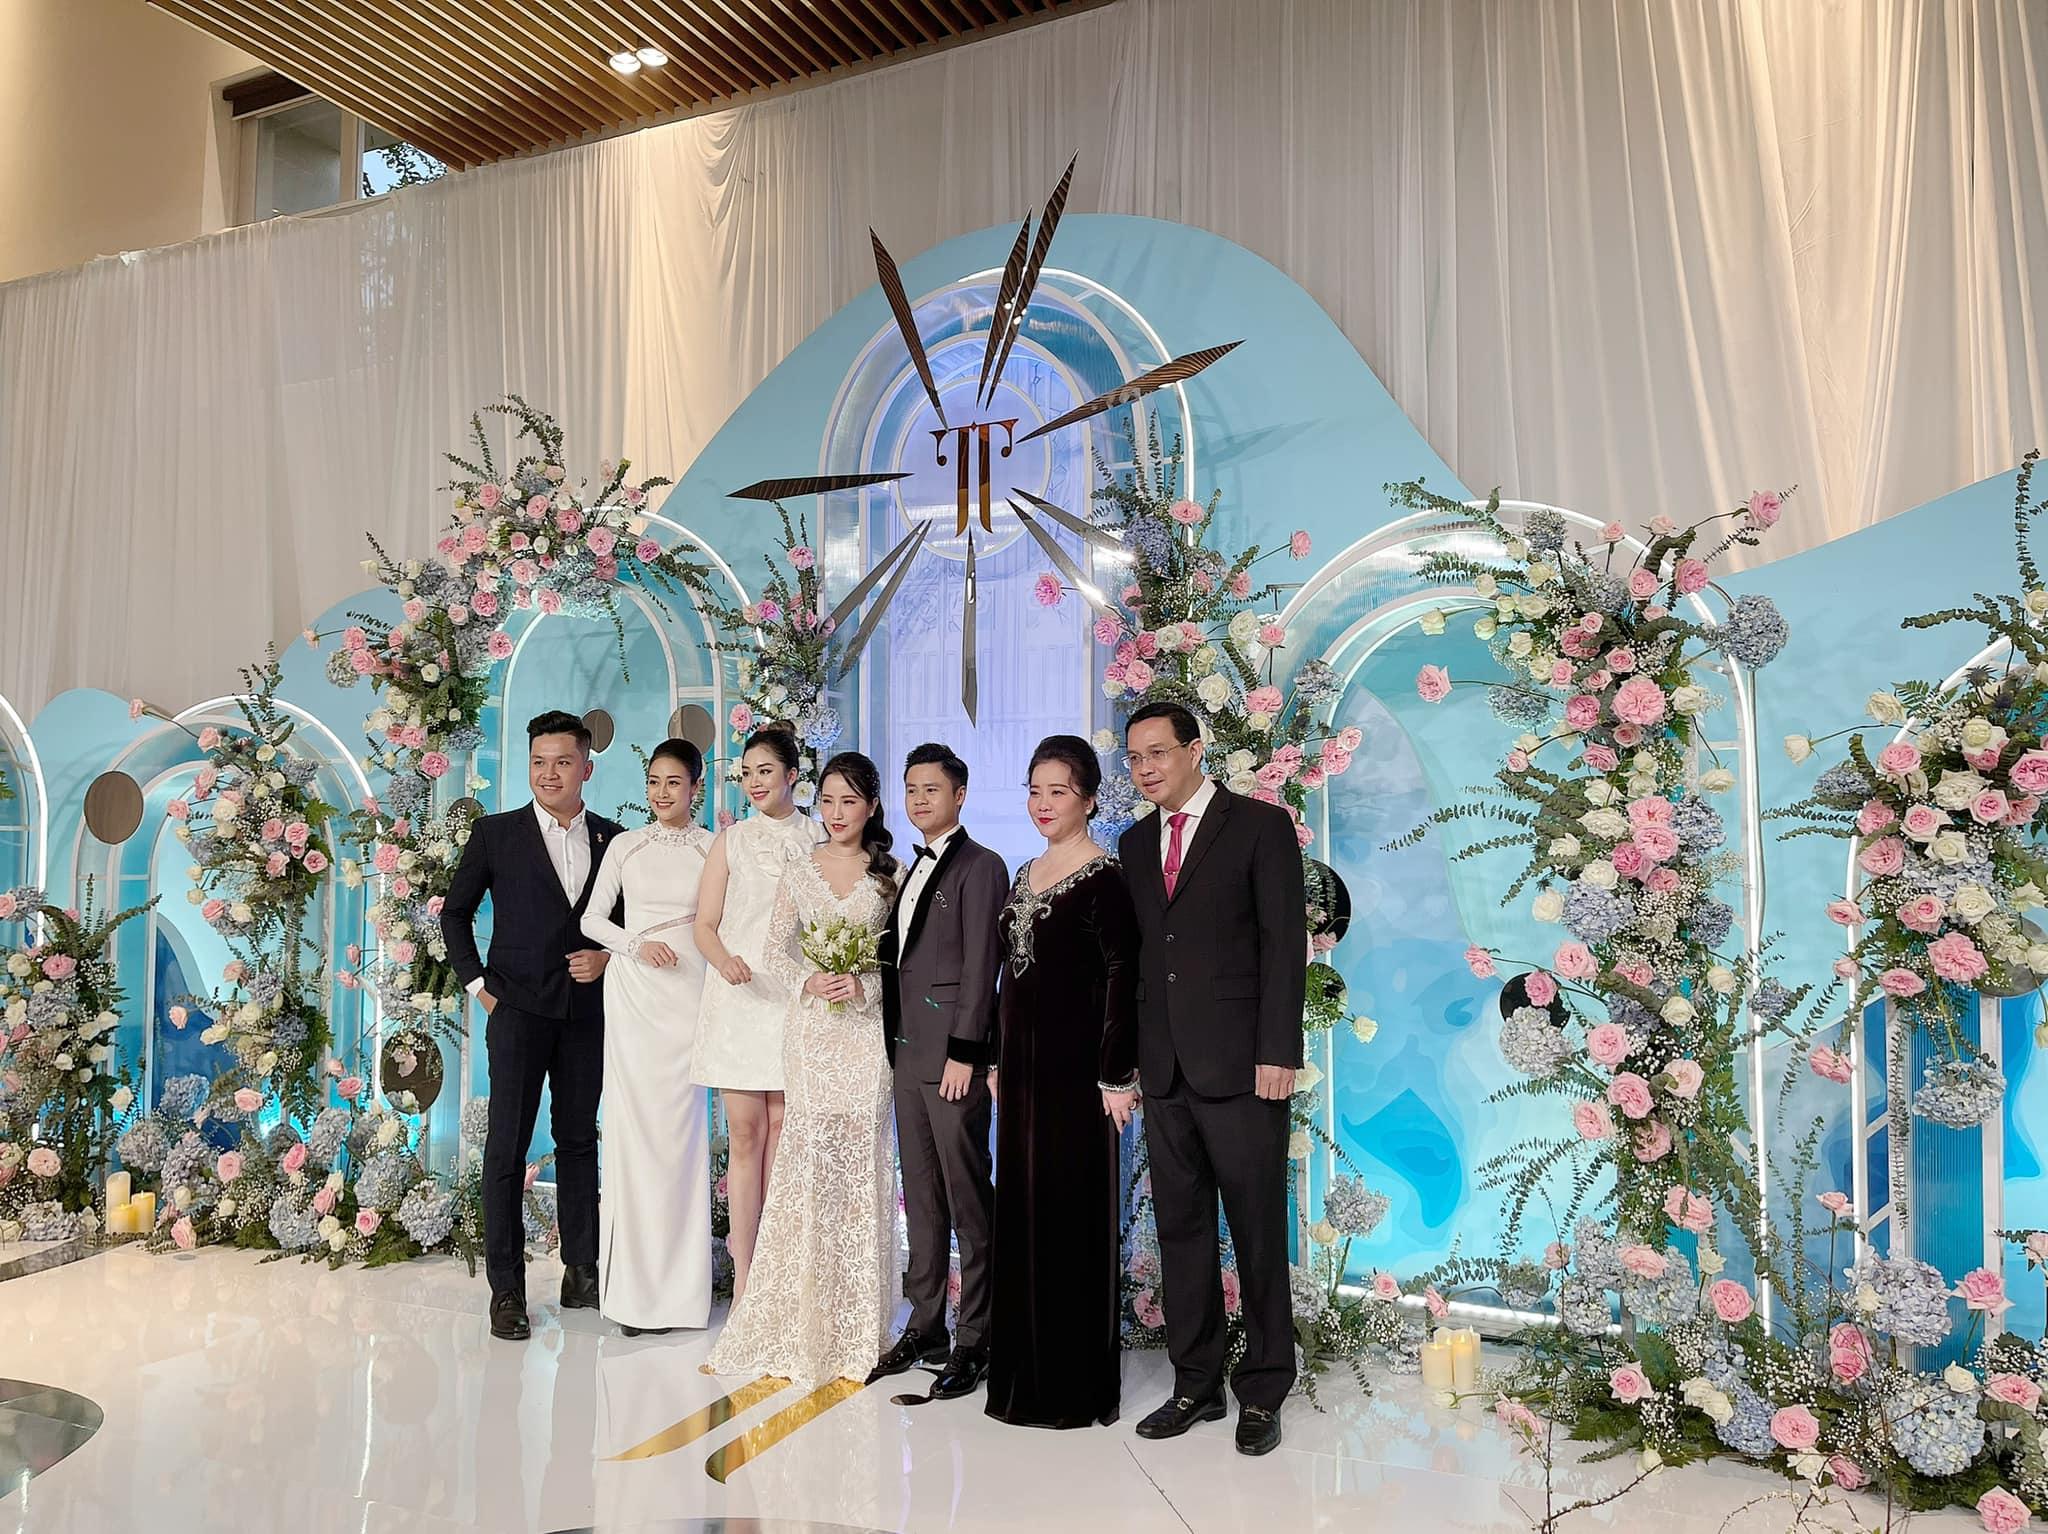 Đám cưới con ông chủ Saigon Square: Dàn siêu xe 200 tỷ, Cường Đôla, Mai Phương Thúy đến dự - 15